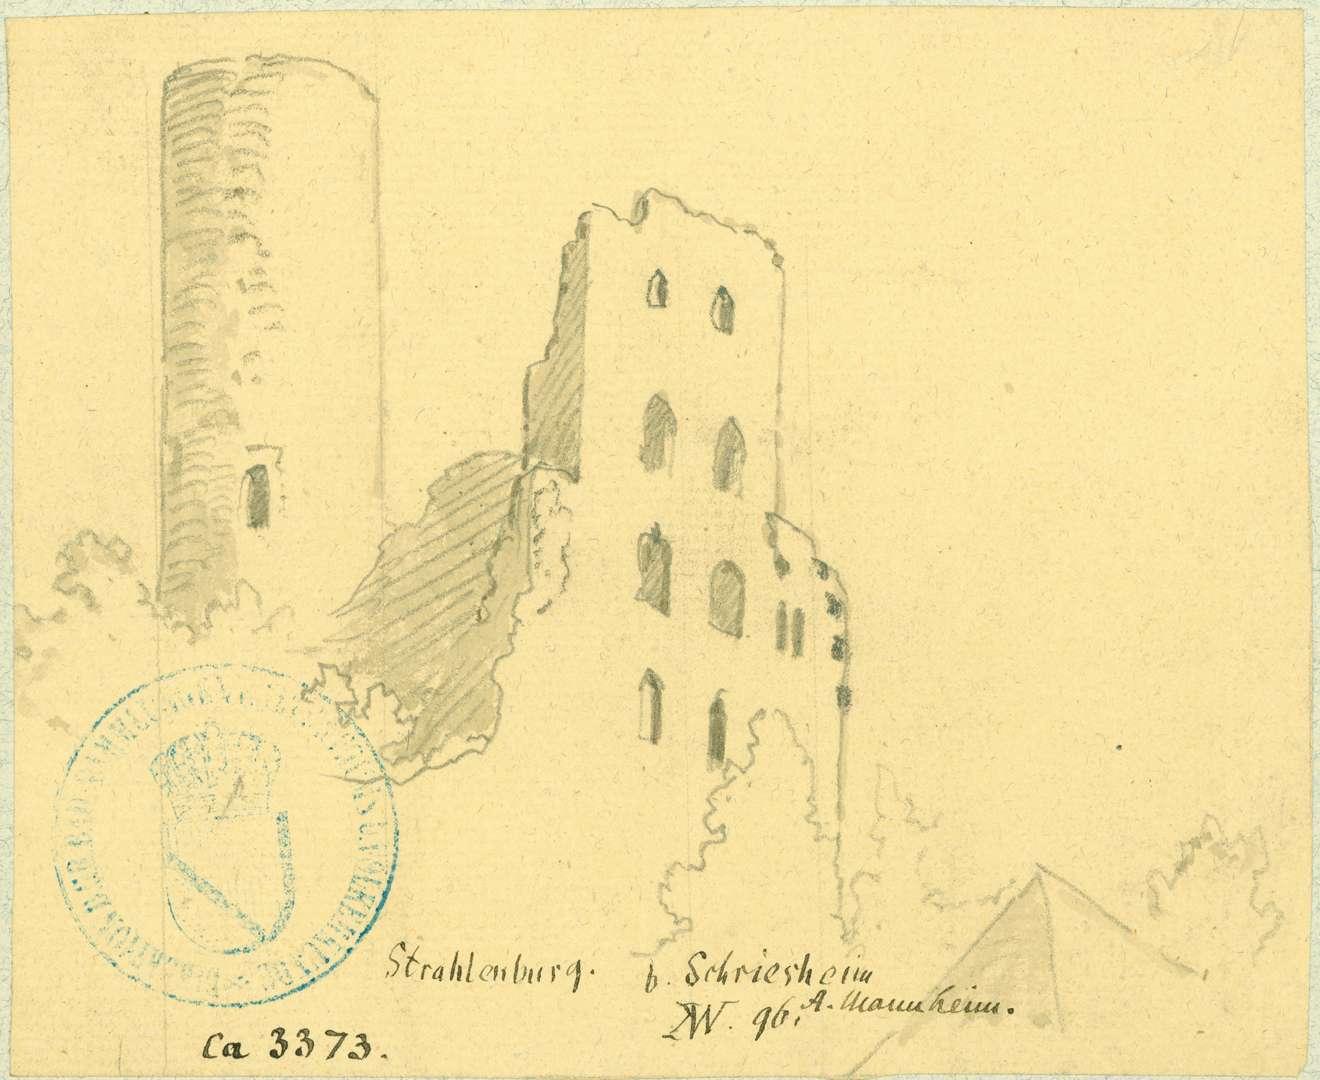 Schriesheim Strahlenburg, Bild 1